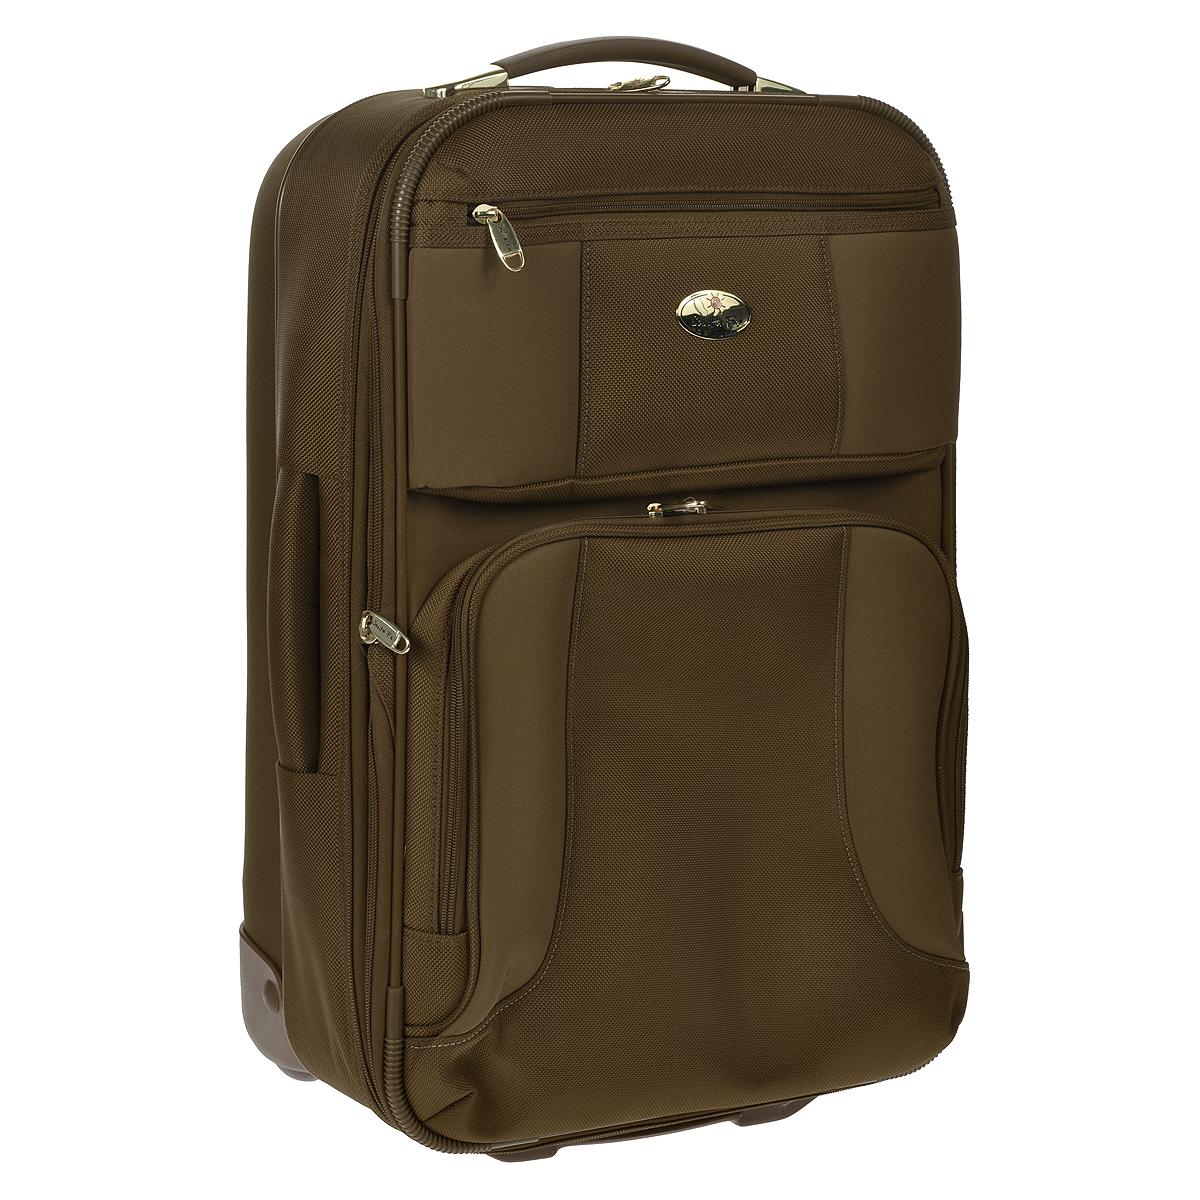 Чемодан-тележка Santa Fe De Luxe, 30 л, L04512/21, коричневыйL04512/21 коричневыйЧемодан-тележка Santa Fe, изготовленный из плотного полиэстера, идеально подходит для поездок и путешествий. Застегивается чемодан за молнию, бегунки которой могут быть соединены навесным замком, входящим в комплект. Внутри чемодан состоит из одного главного отделения с эластичными перекрещивающимися багажными ремнями, соединяющимися при помощи пластикового карабина, сбоку отделения имеется карман с эластичным верхним краем. Для большего удобства в комплект к чемодану прилагается пристегивающаяся пластиковая косметичка с двумя отделениями на застежке молнии и складывающаяся вешалка. С внутренней стороны на крышке, предусмотрен большой сетчатый карман на застежке-молнии. С внешней стороны на крышке имеется круговая молния, позволяющая увеличить объем чемодана на 20%. Также с лицевой стороны расположено одно вместительное отделение с сетчатым кармашком внутри и небольшой кармашек с внутренним органайзером: карман для мобильного телефона, 3 отсека для ручек, 3 отделения для...